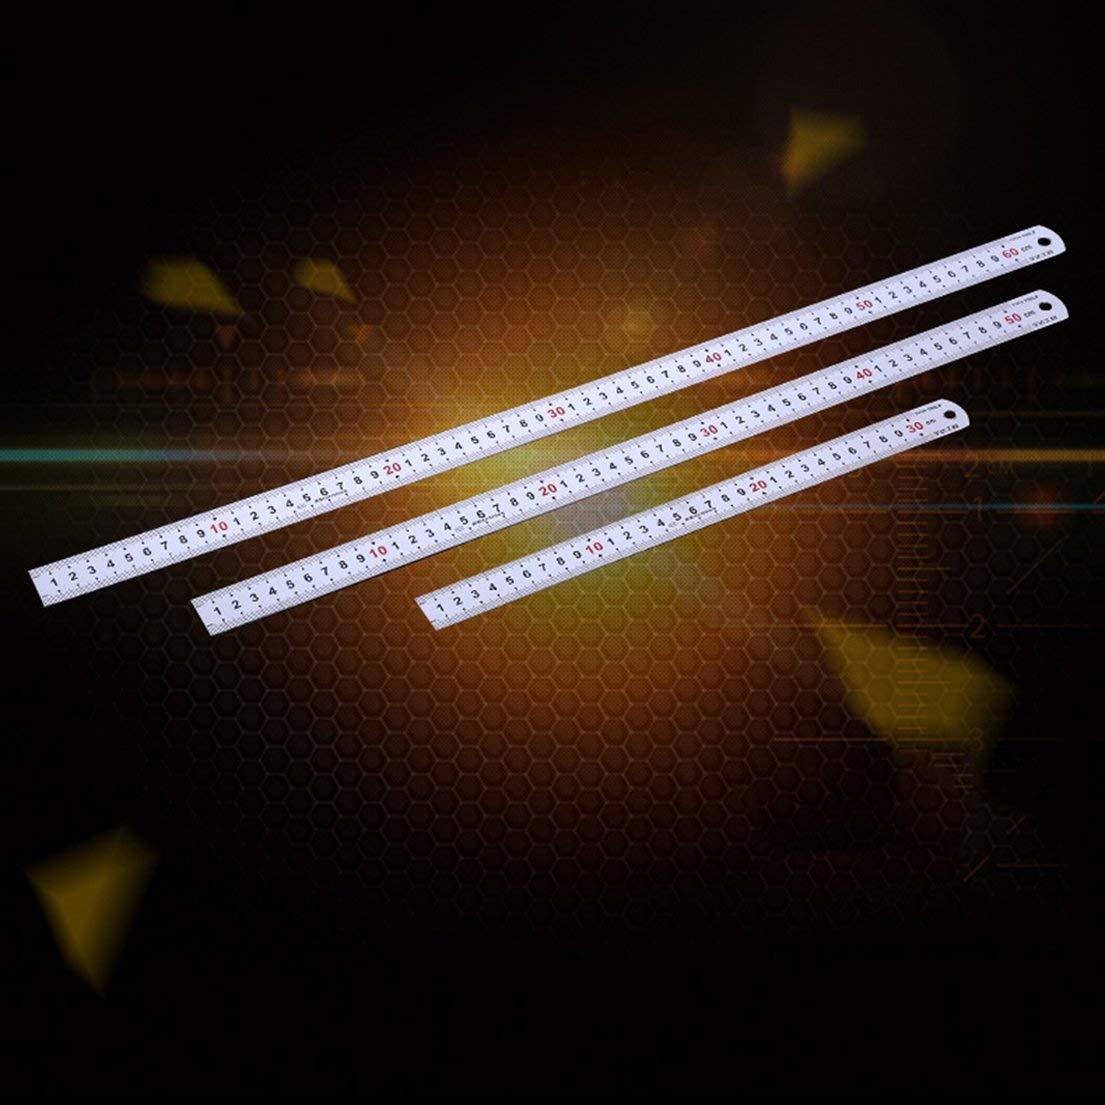 color: astilla 50cm 60cm Regla de doble cara Regla de metal m/étrica de acero inoxidable Herramienta de medici/ón de la regla de la bolsa de bolsillo 50cm DF-ES 30cm